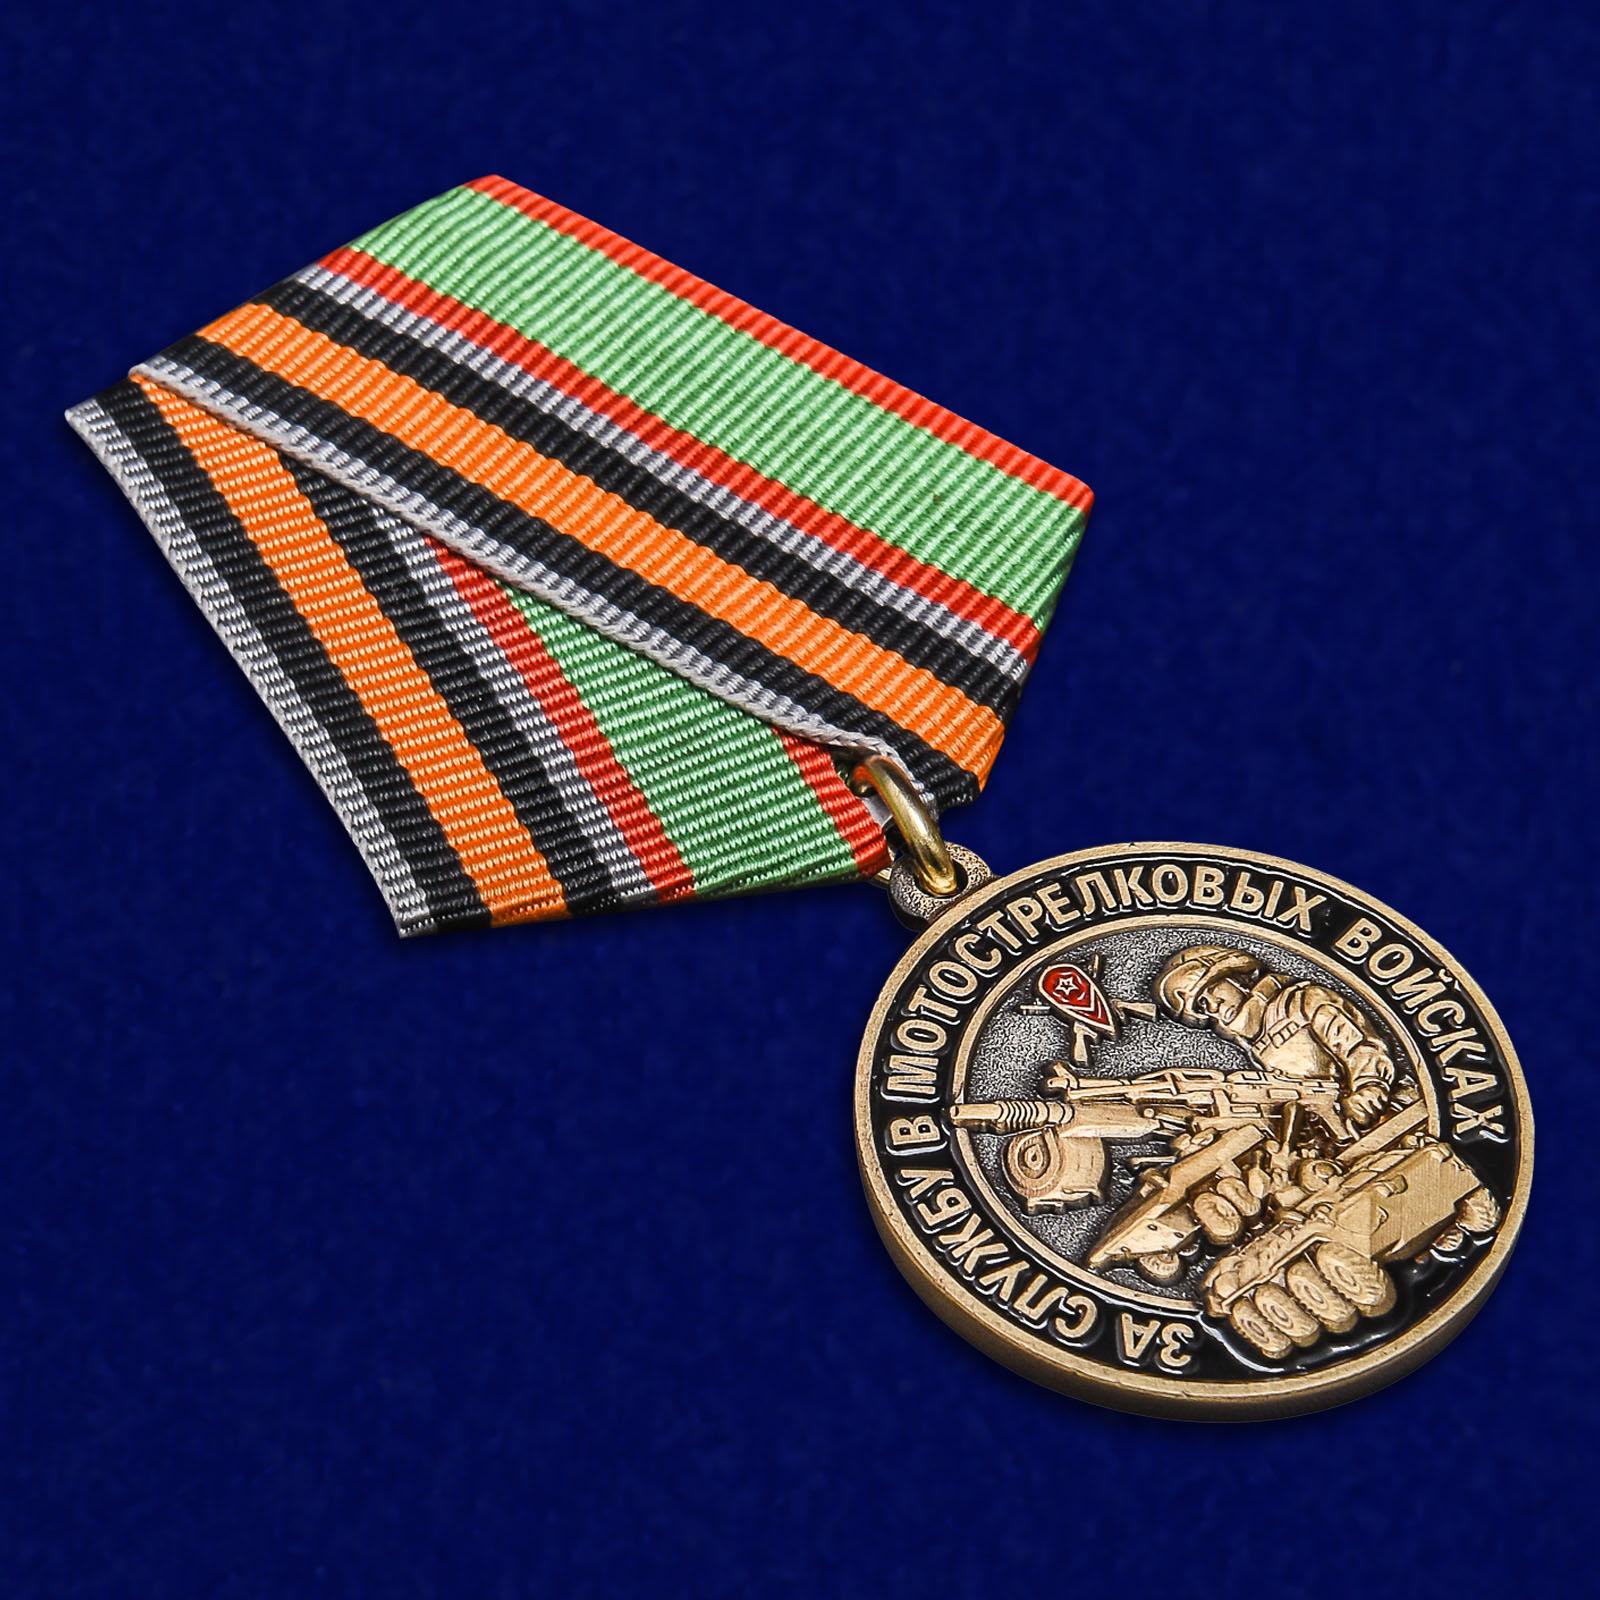 """Купить медаль """"За службу в Мотострелковых войсках"""""""